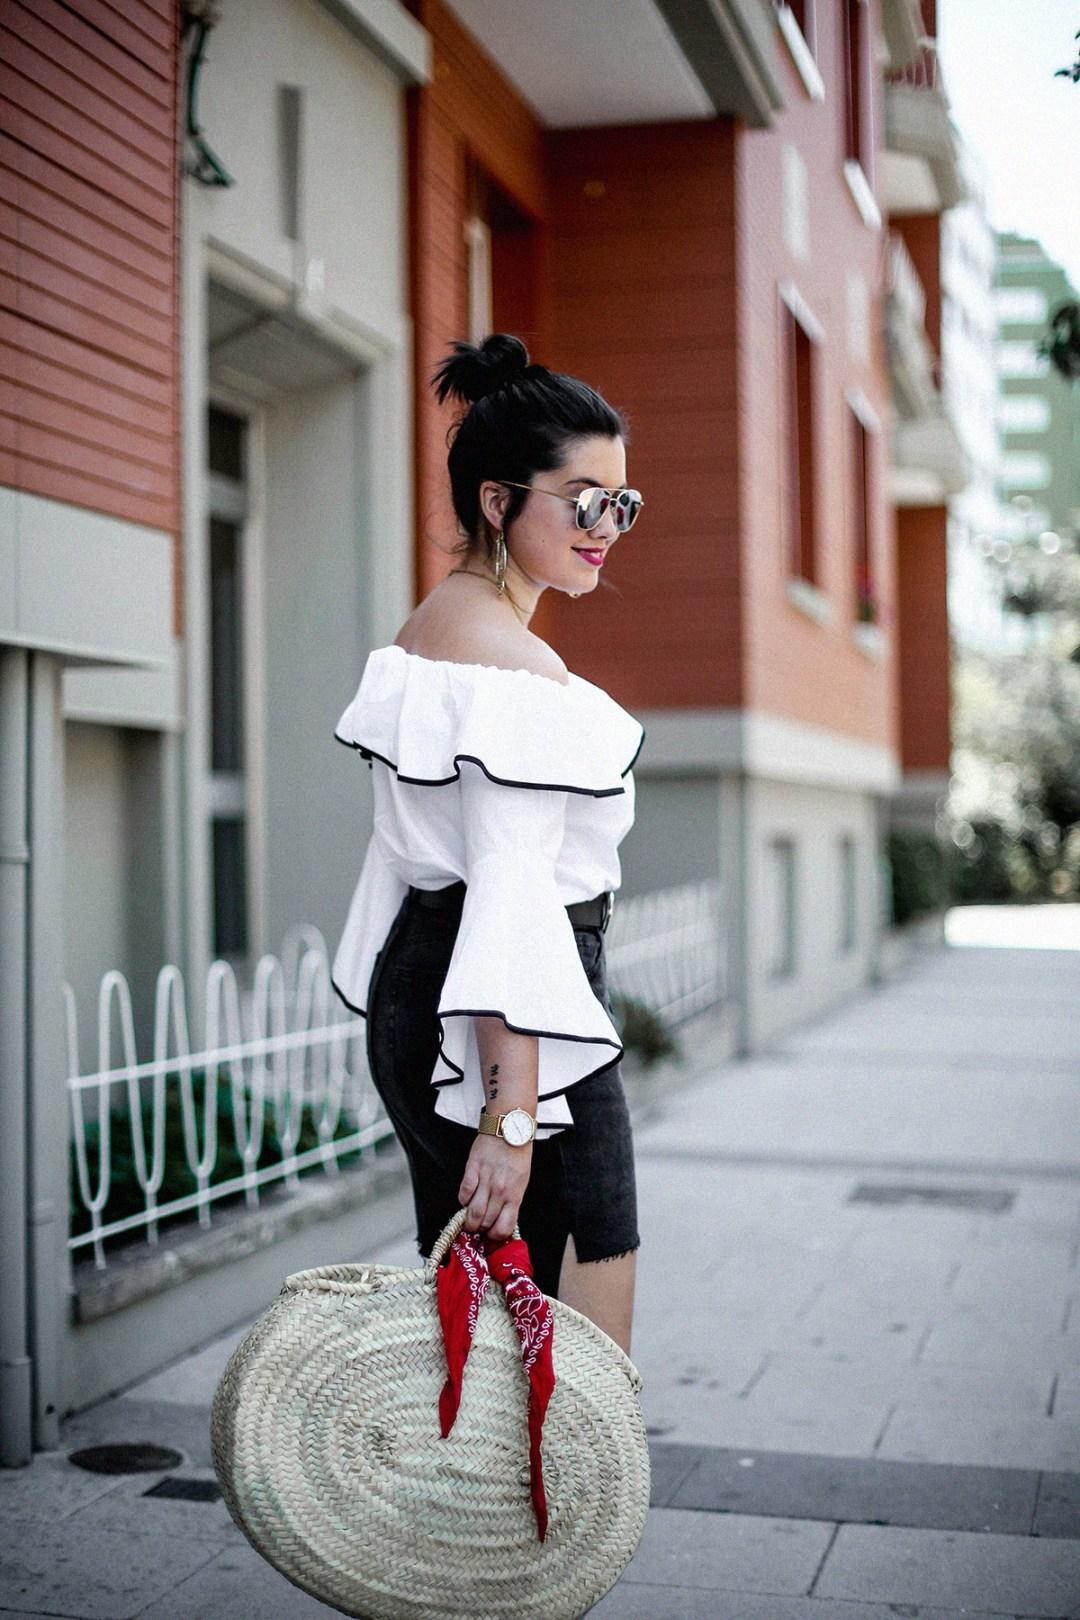 ruffle-top-off-shoulder-sunper-sunglasses-basket-bag-look7